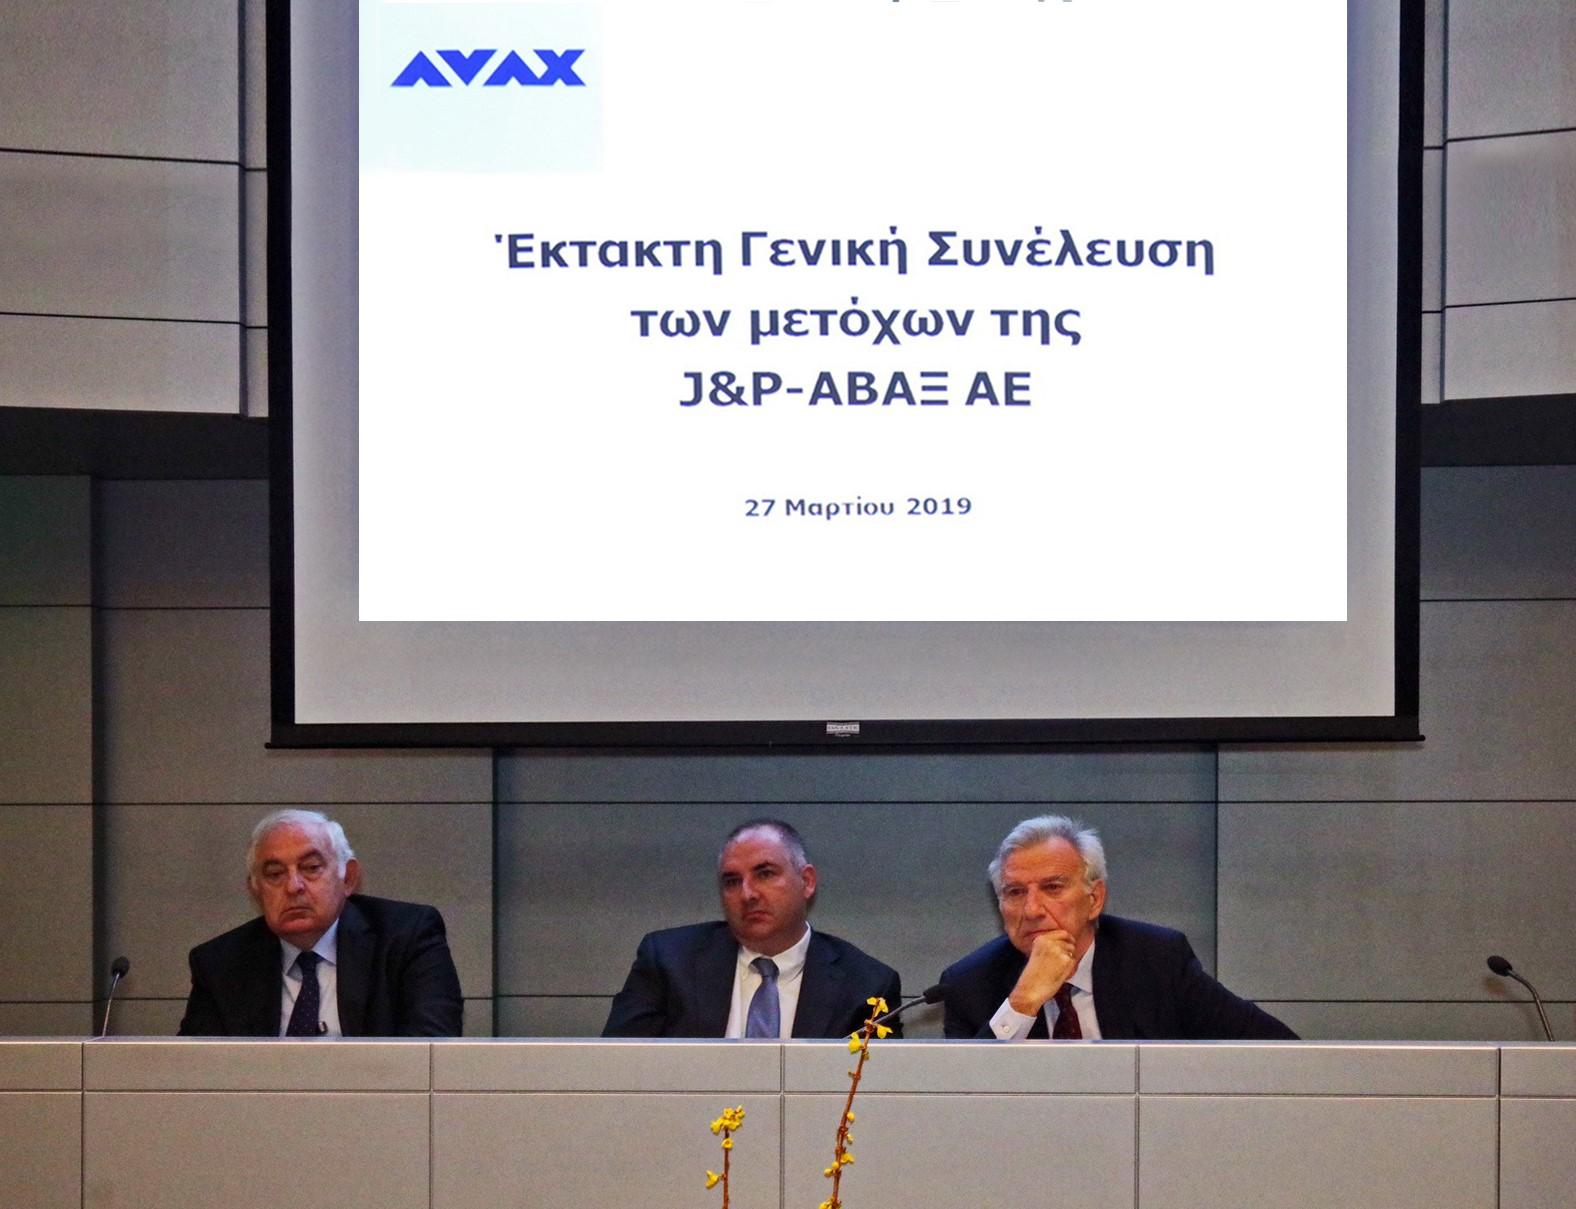 AVAX: Νέα εποχή για τον ιστορικό κατασκευαστικό Όμιλο